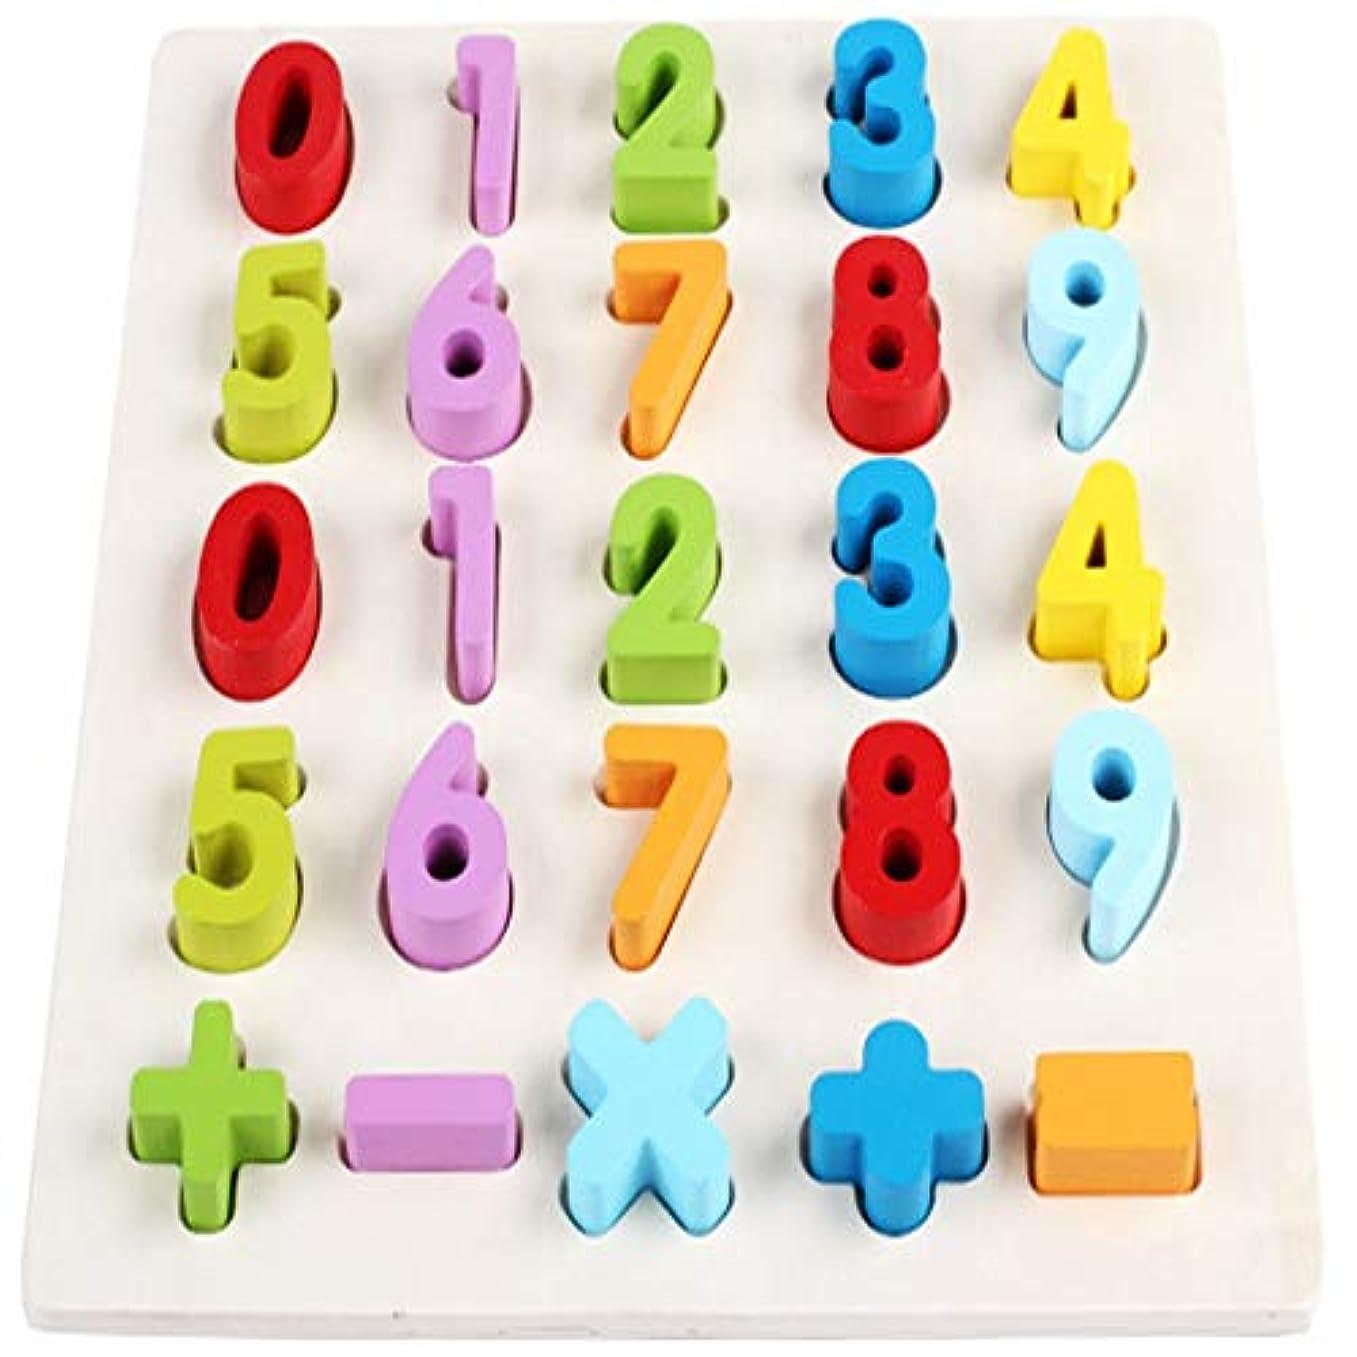 平和な確立溝知育玩具 ステレオデジタルハンドグラップリングボードパズルボード早期学習玩具子供用啓発ブロックセット 数字 パズル 型はめ 幼児 (色 : 色, サイズ : Free size)